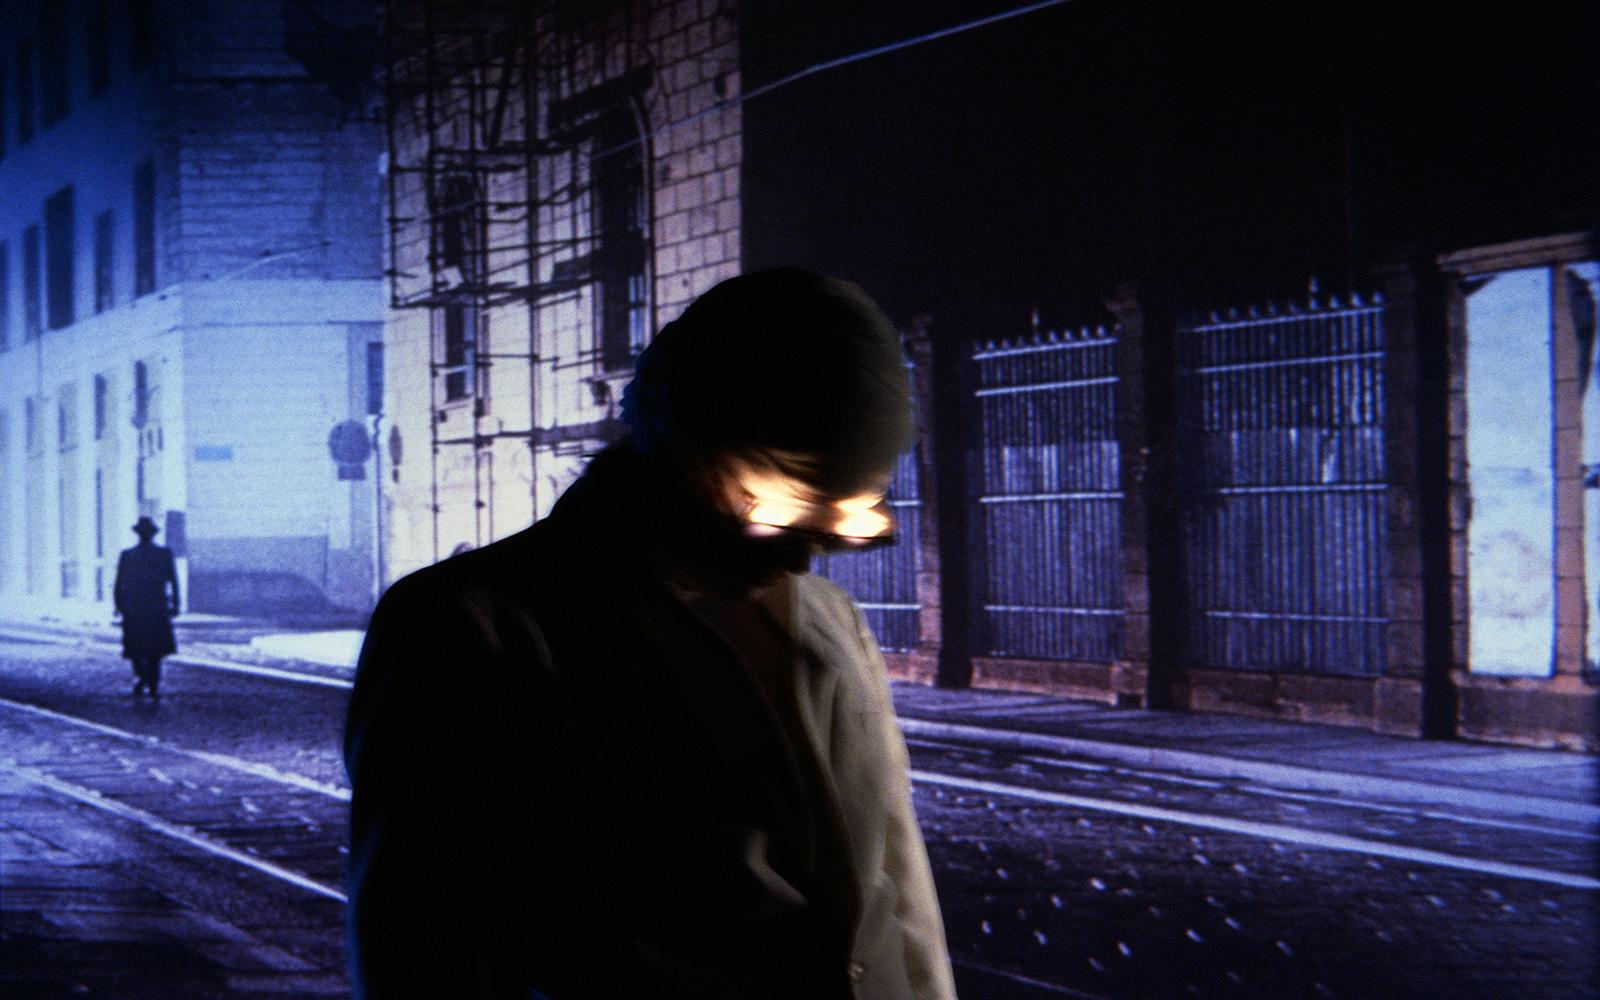 Gotfrid Helnvajn: Između nevinosti i zla